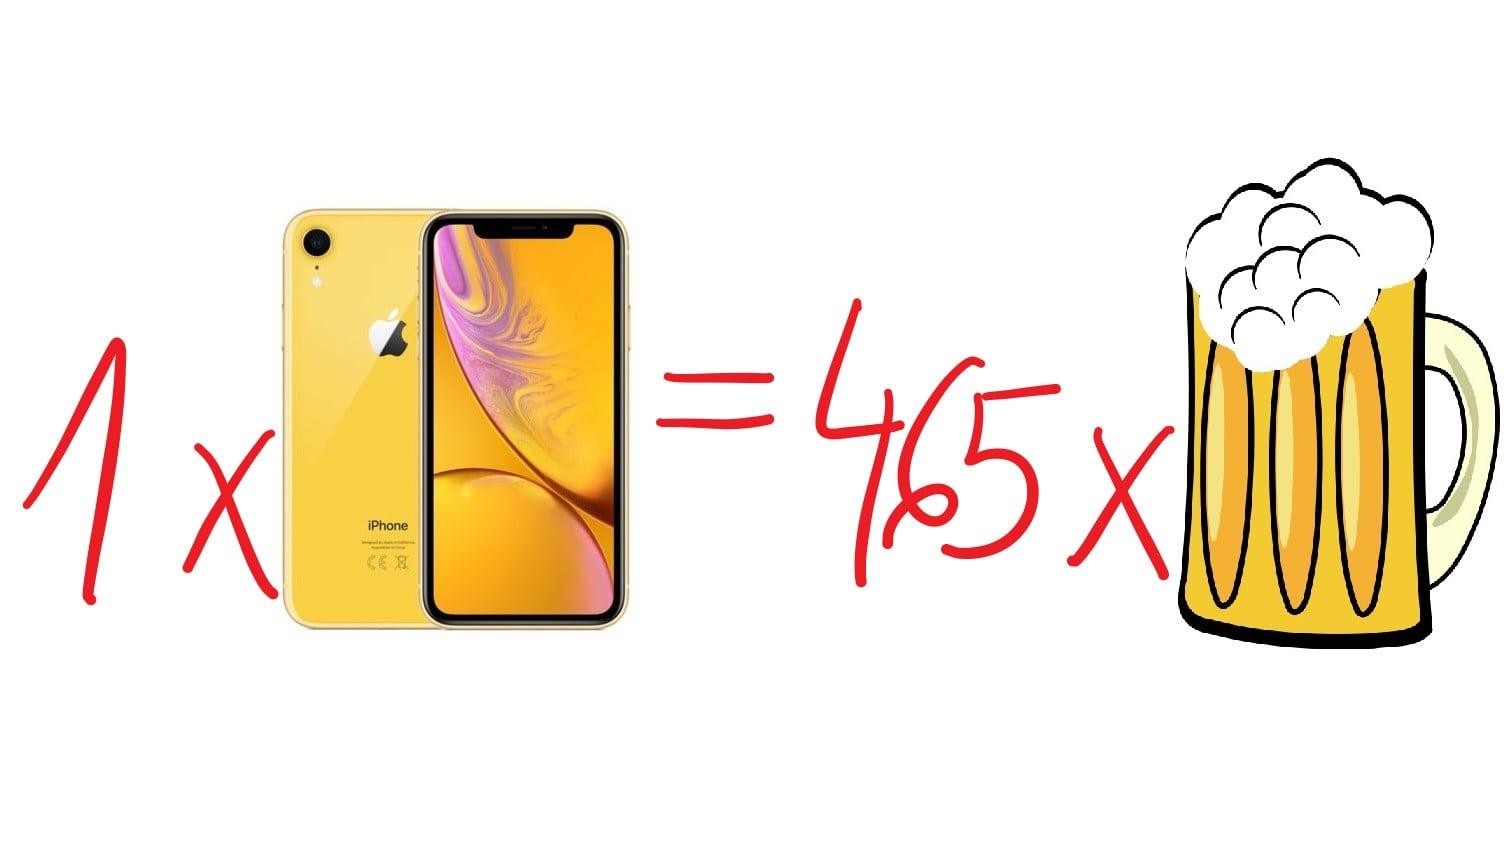 Żeby kupić sobie iPhone'a XR, przeciętnie zarabiający Polak musi poświęcić 24 dni pracy. To jakieś 465 piw 23